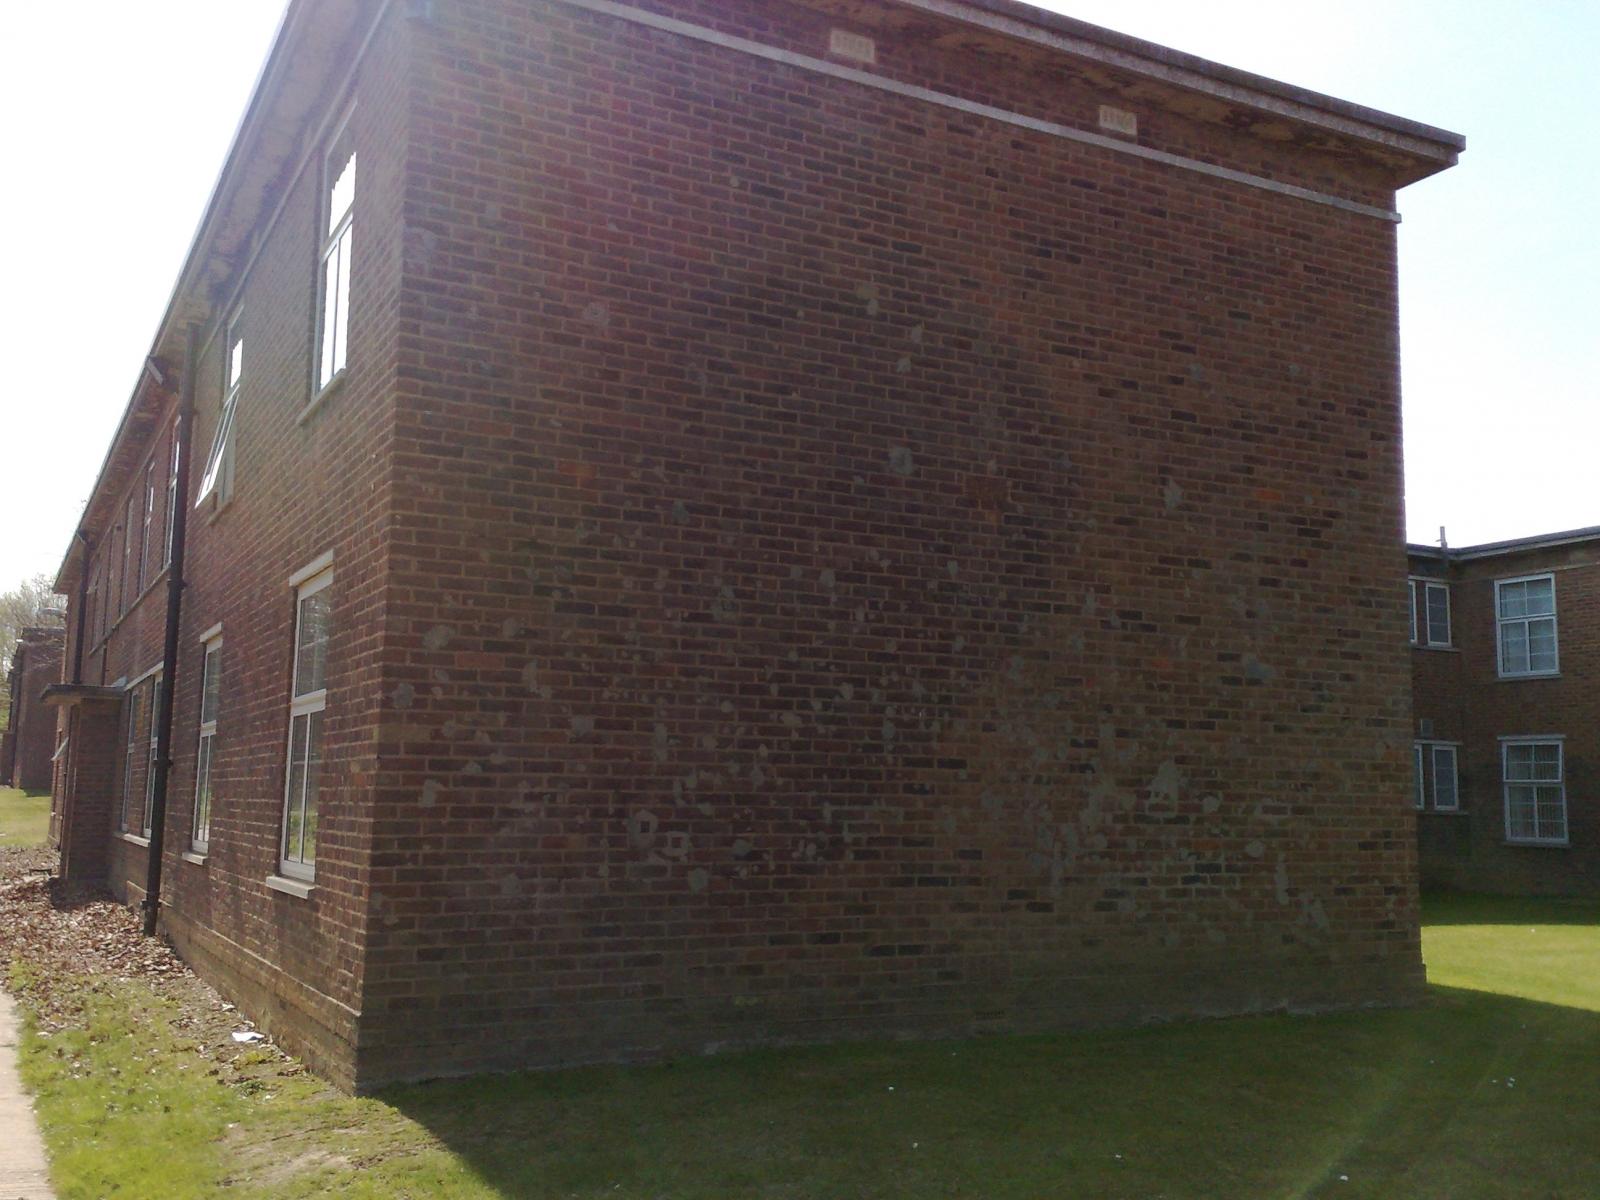 H-block camo still visible